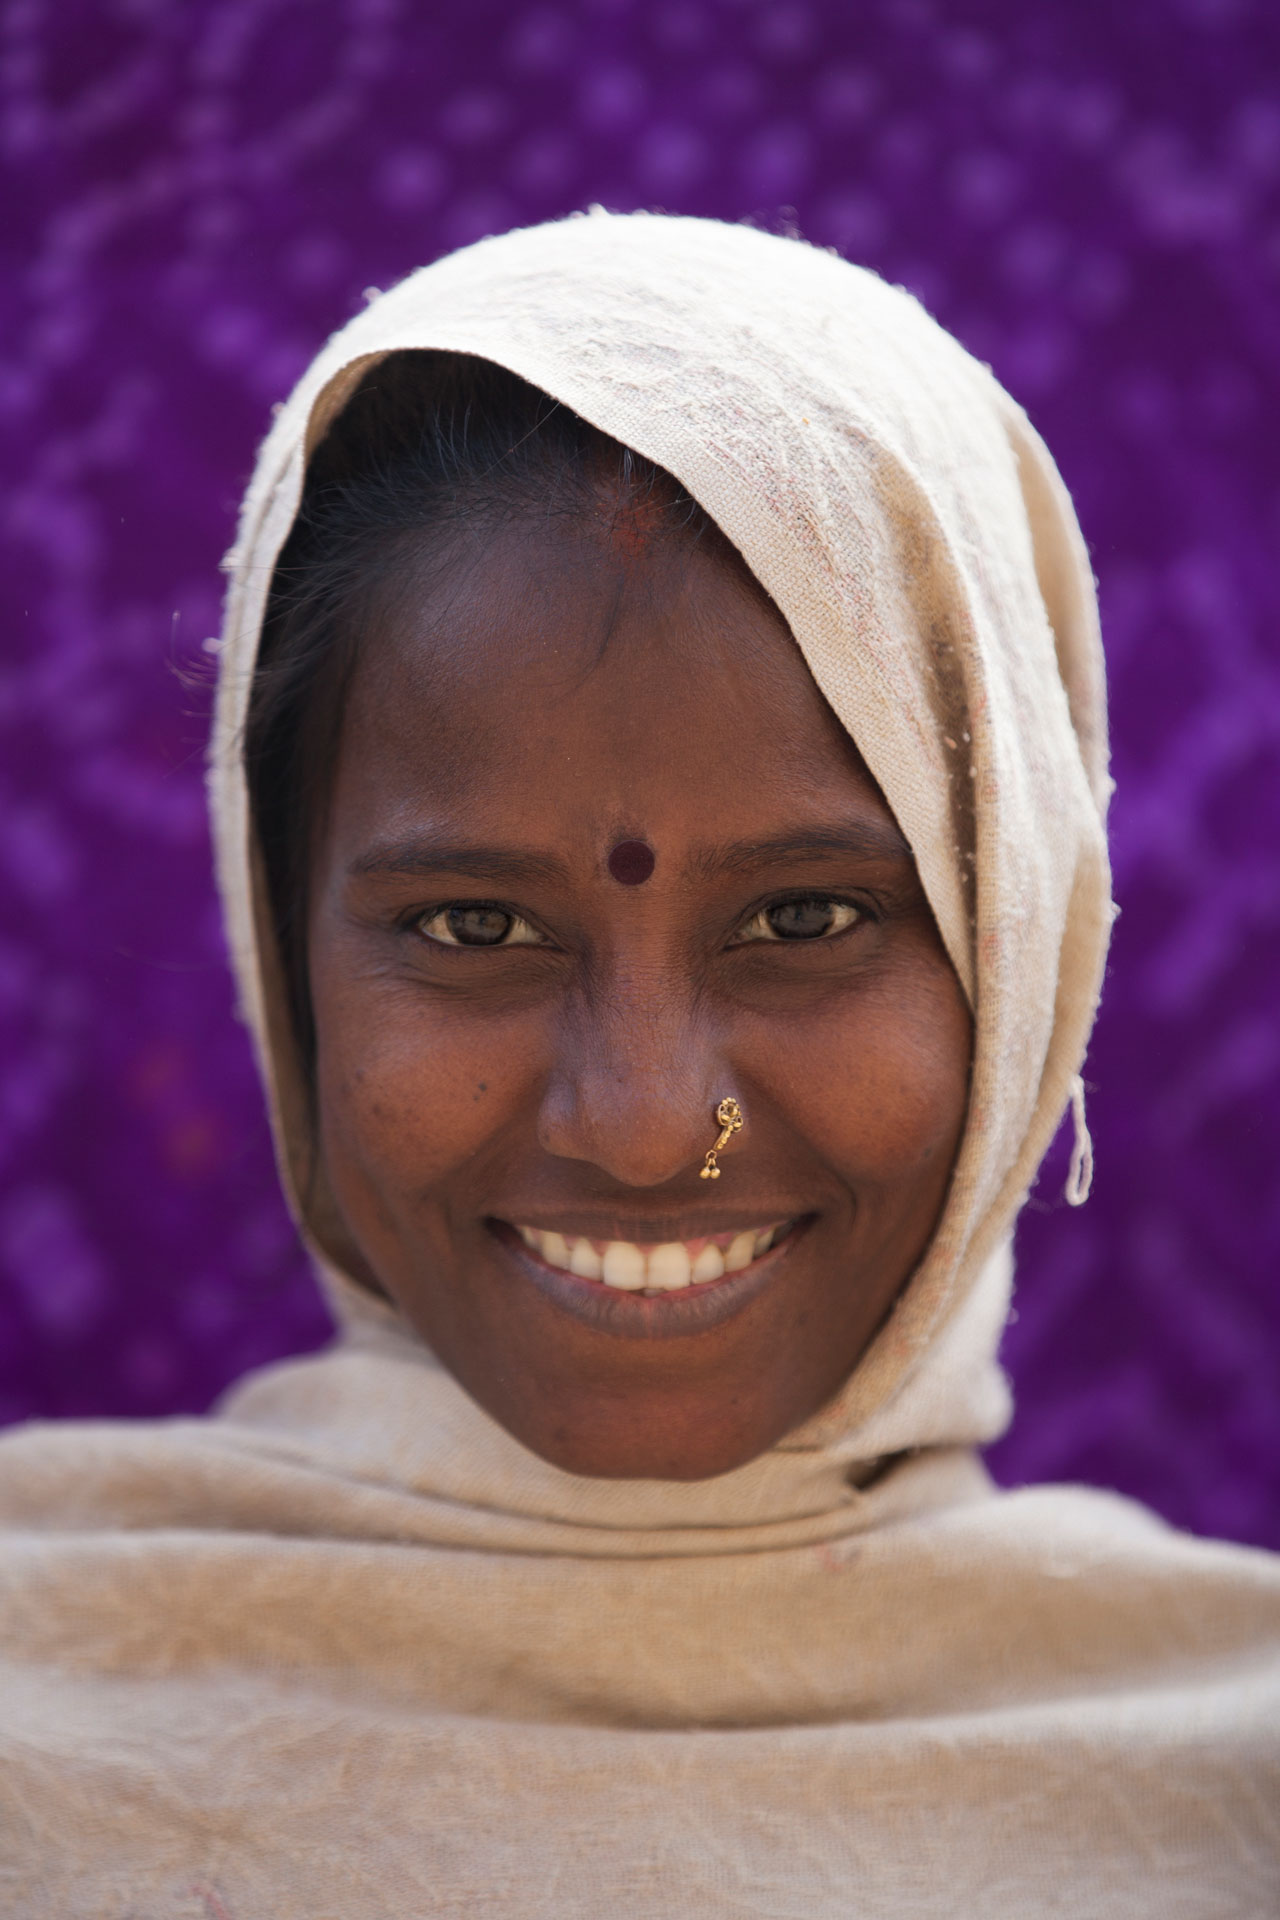 sonrisa-joven-lavadora-ropa-varanasi-india.jpg